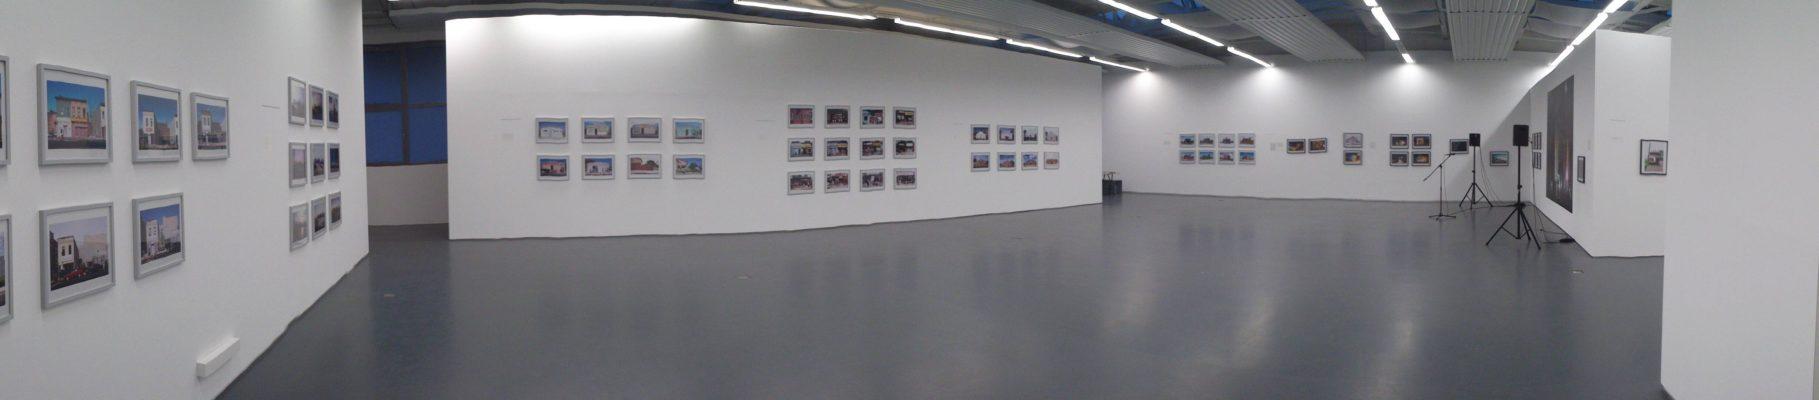 MfPh_Panoramaansicht Ausstellungshalle Hamburger Straße 267_Foto Uwe Brodmann